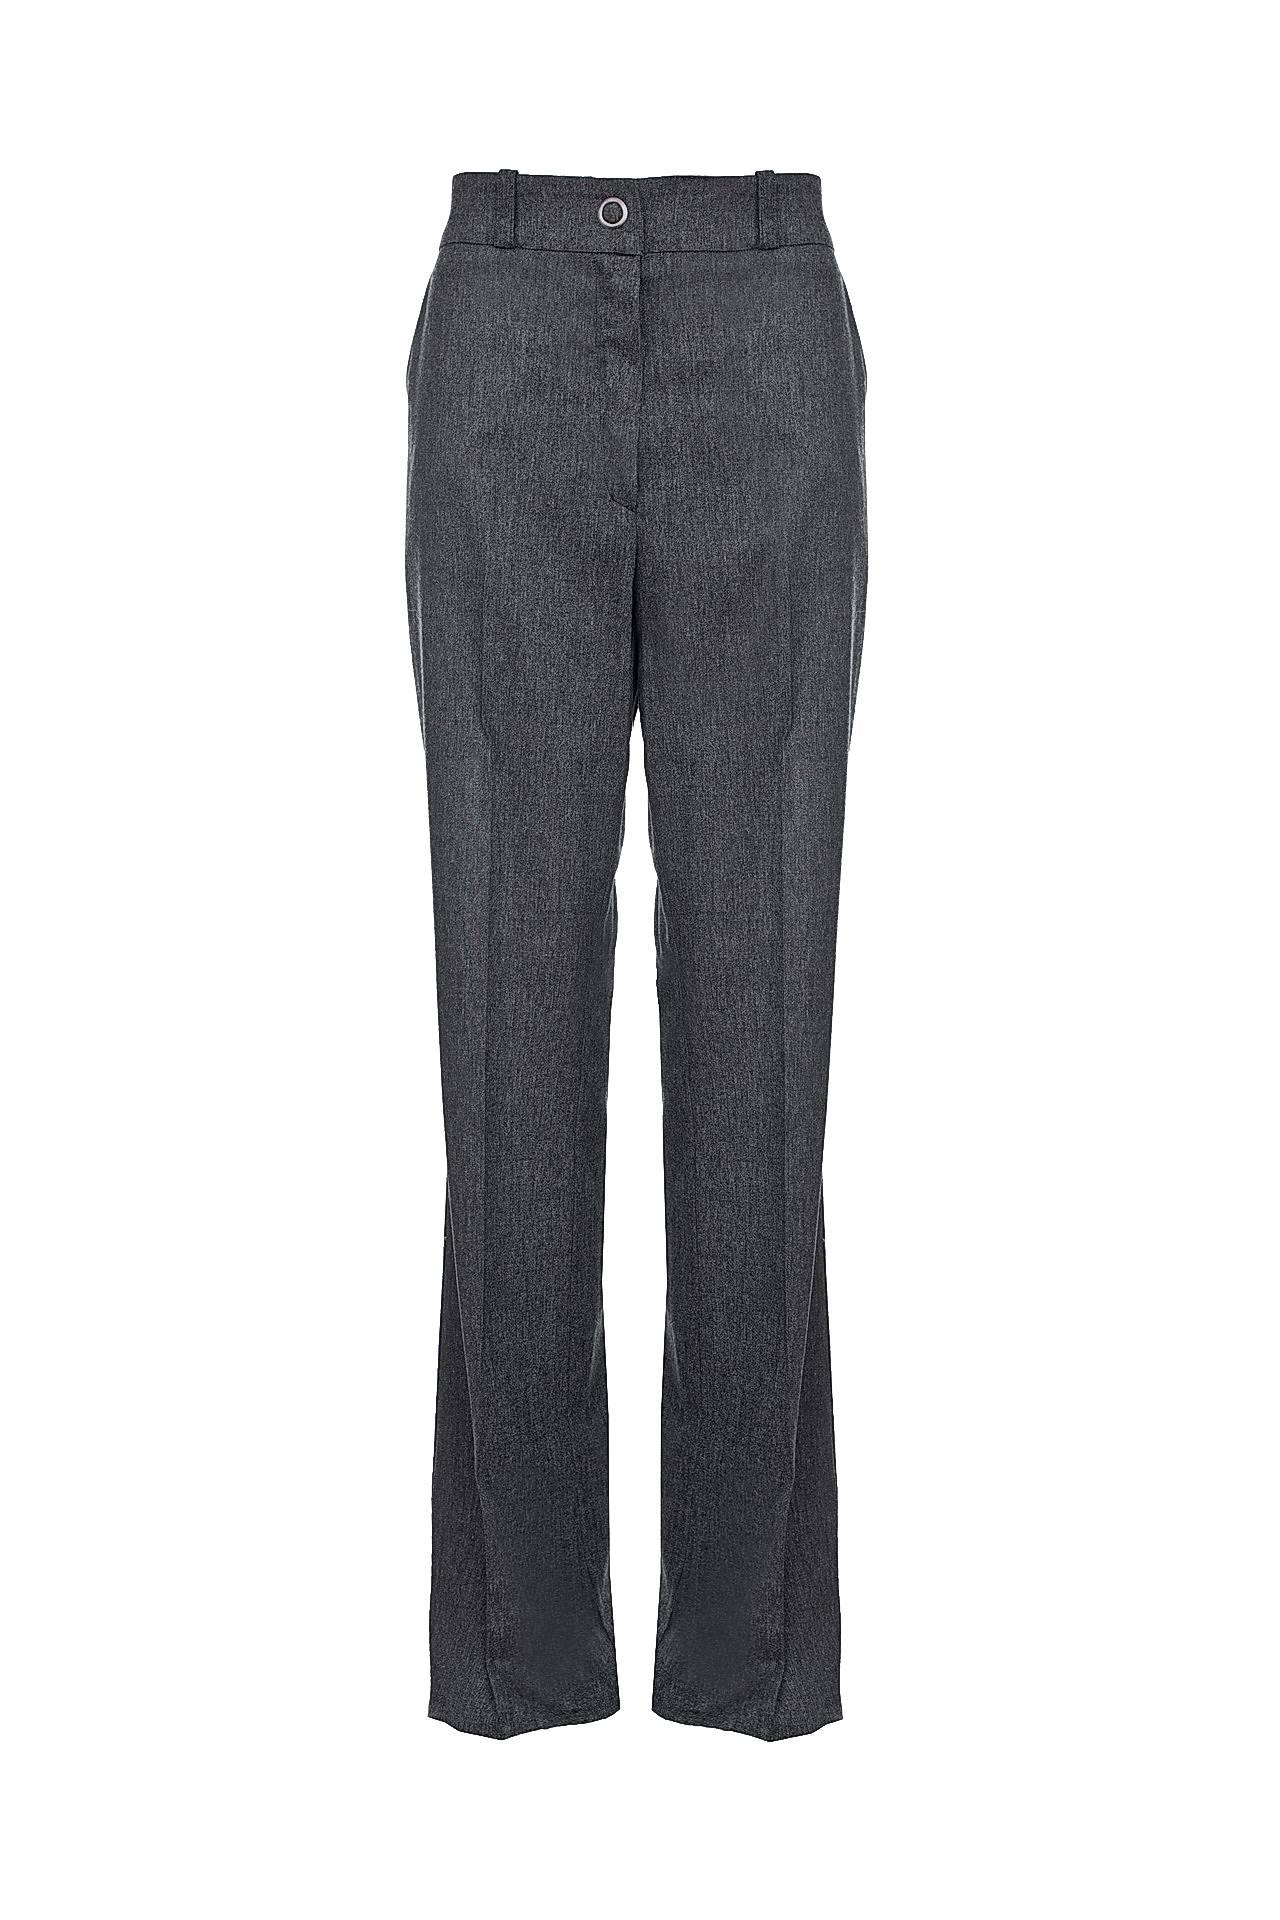 Брюки GRINKO, серый 42 размер48093-40Брюки цвета серый меланж, прямые, на потайной молнии, пояс с хлястиками для ремня, спереди кнопка, по боками потайные карманы